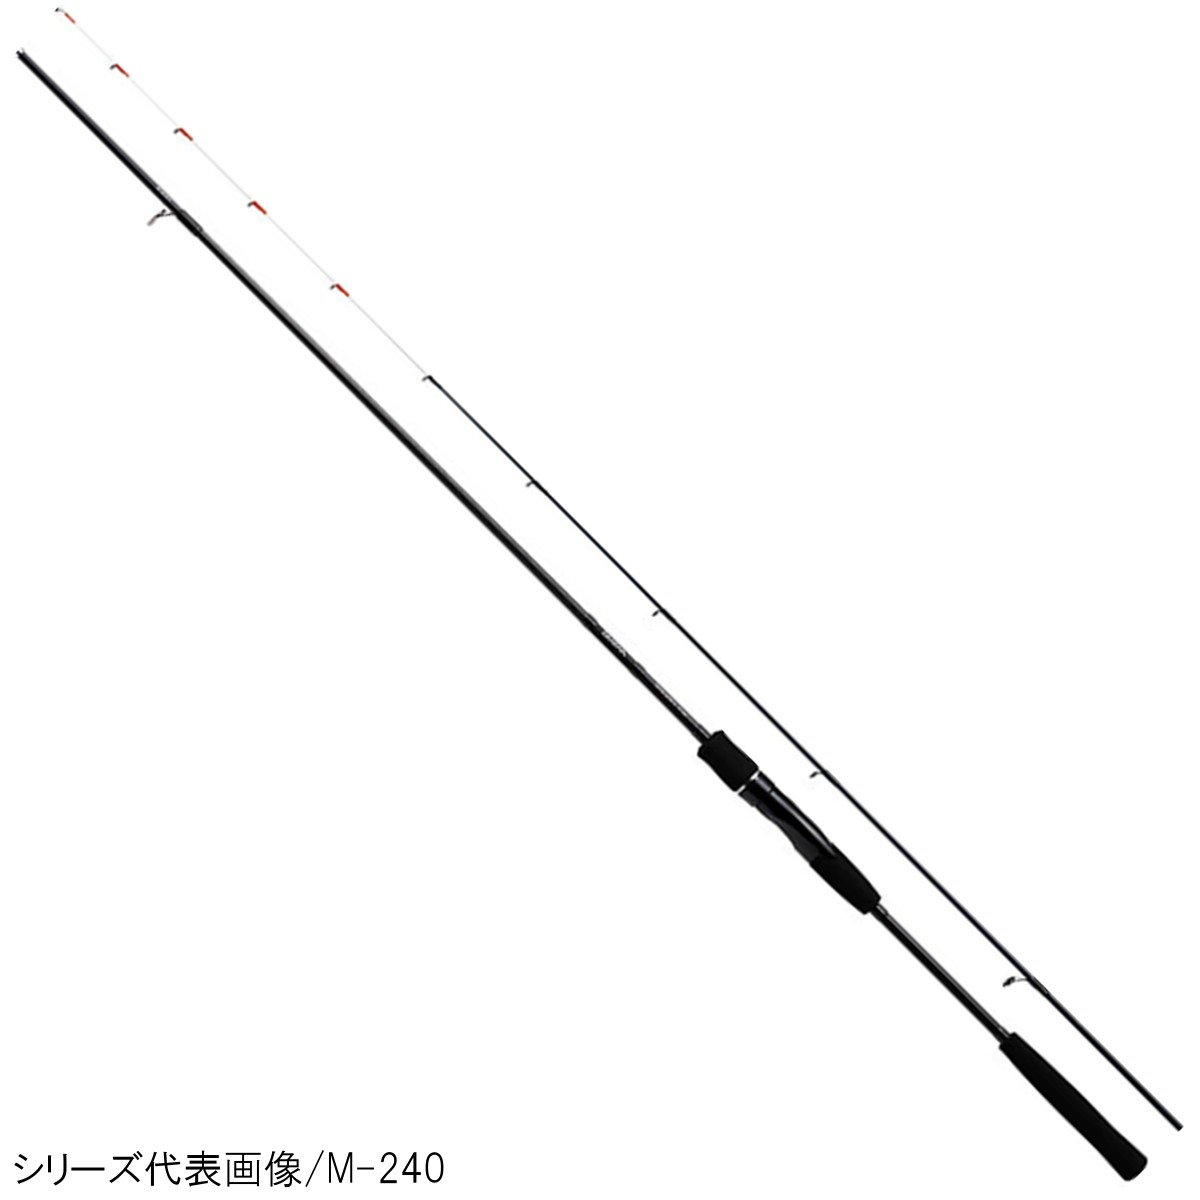 テンヤゲーム X H-240 ダイワ